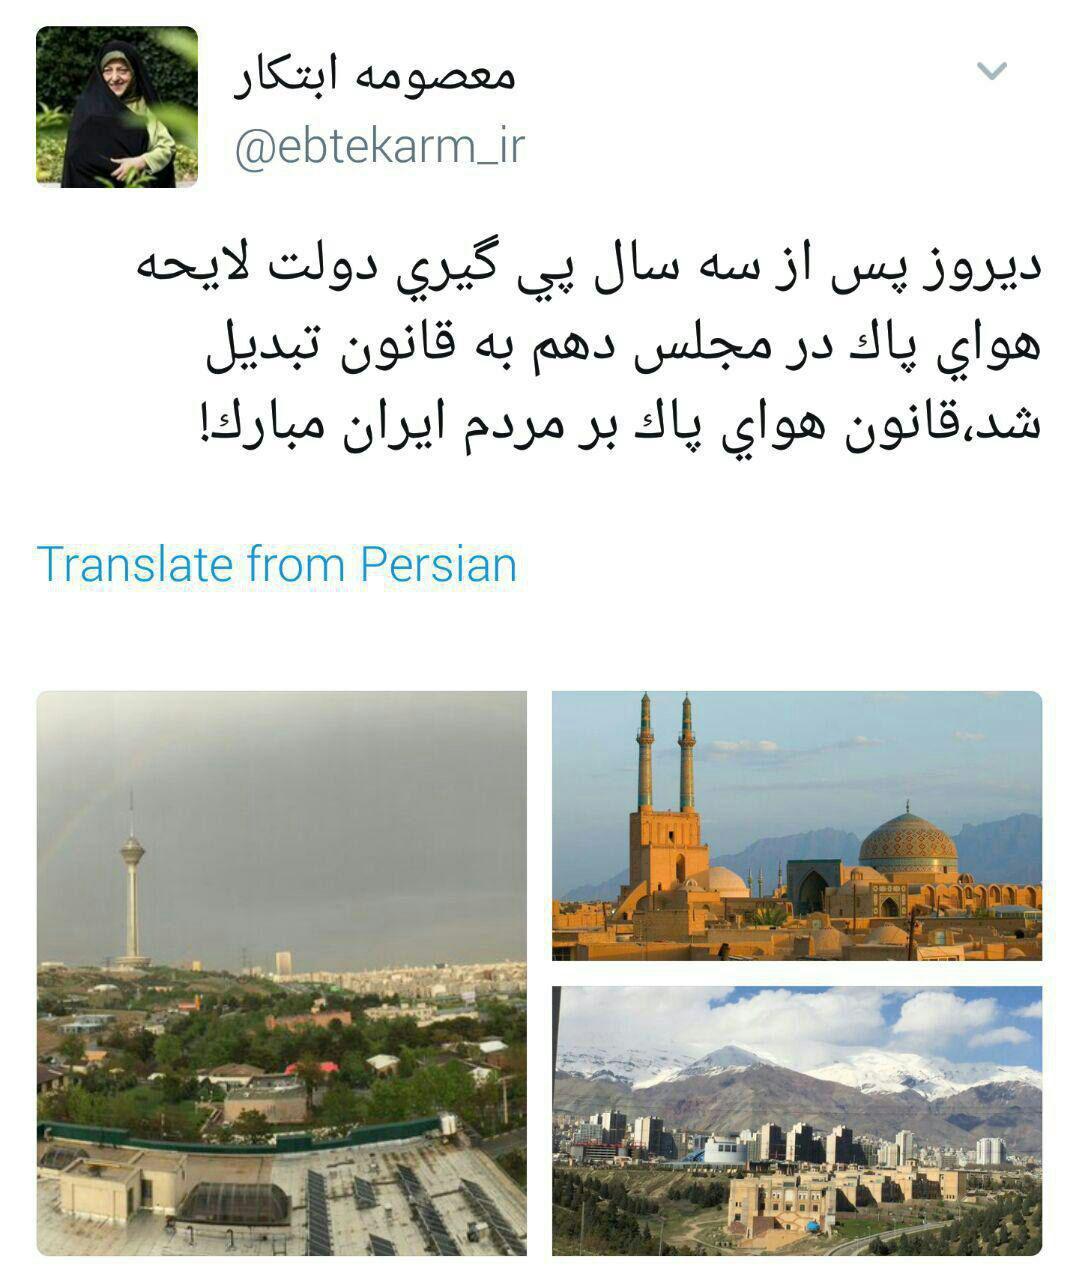 ابتکار: قانون هوای پاک بر مردم ایران مبارک